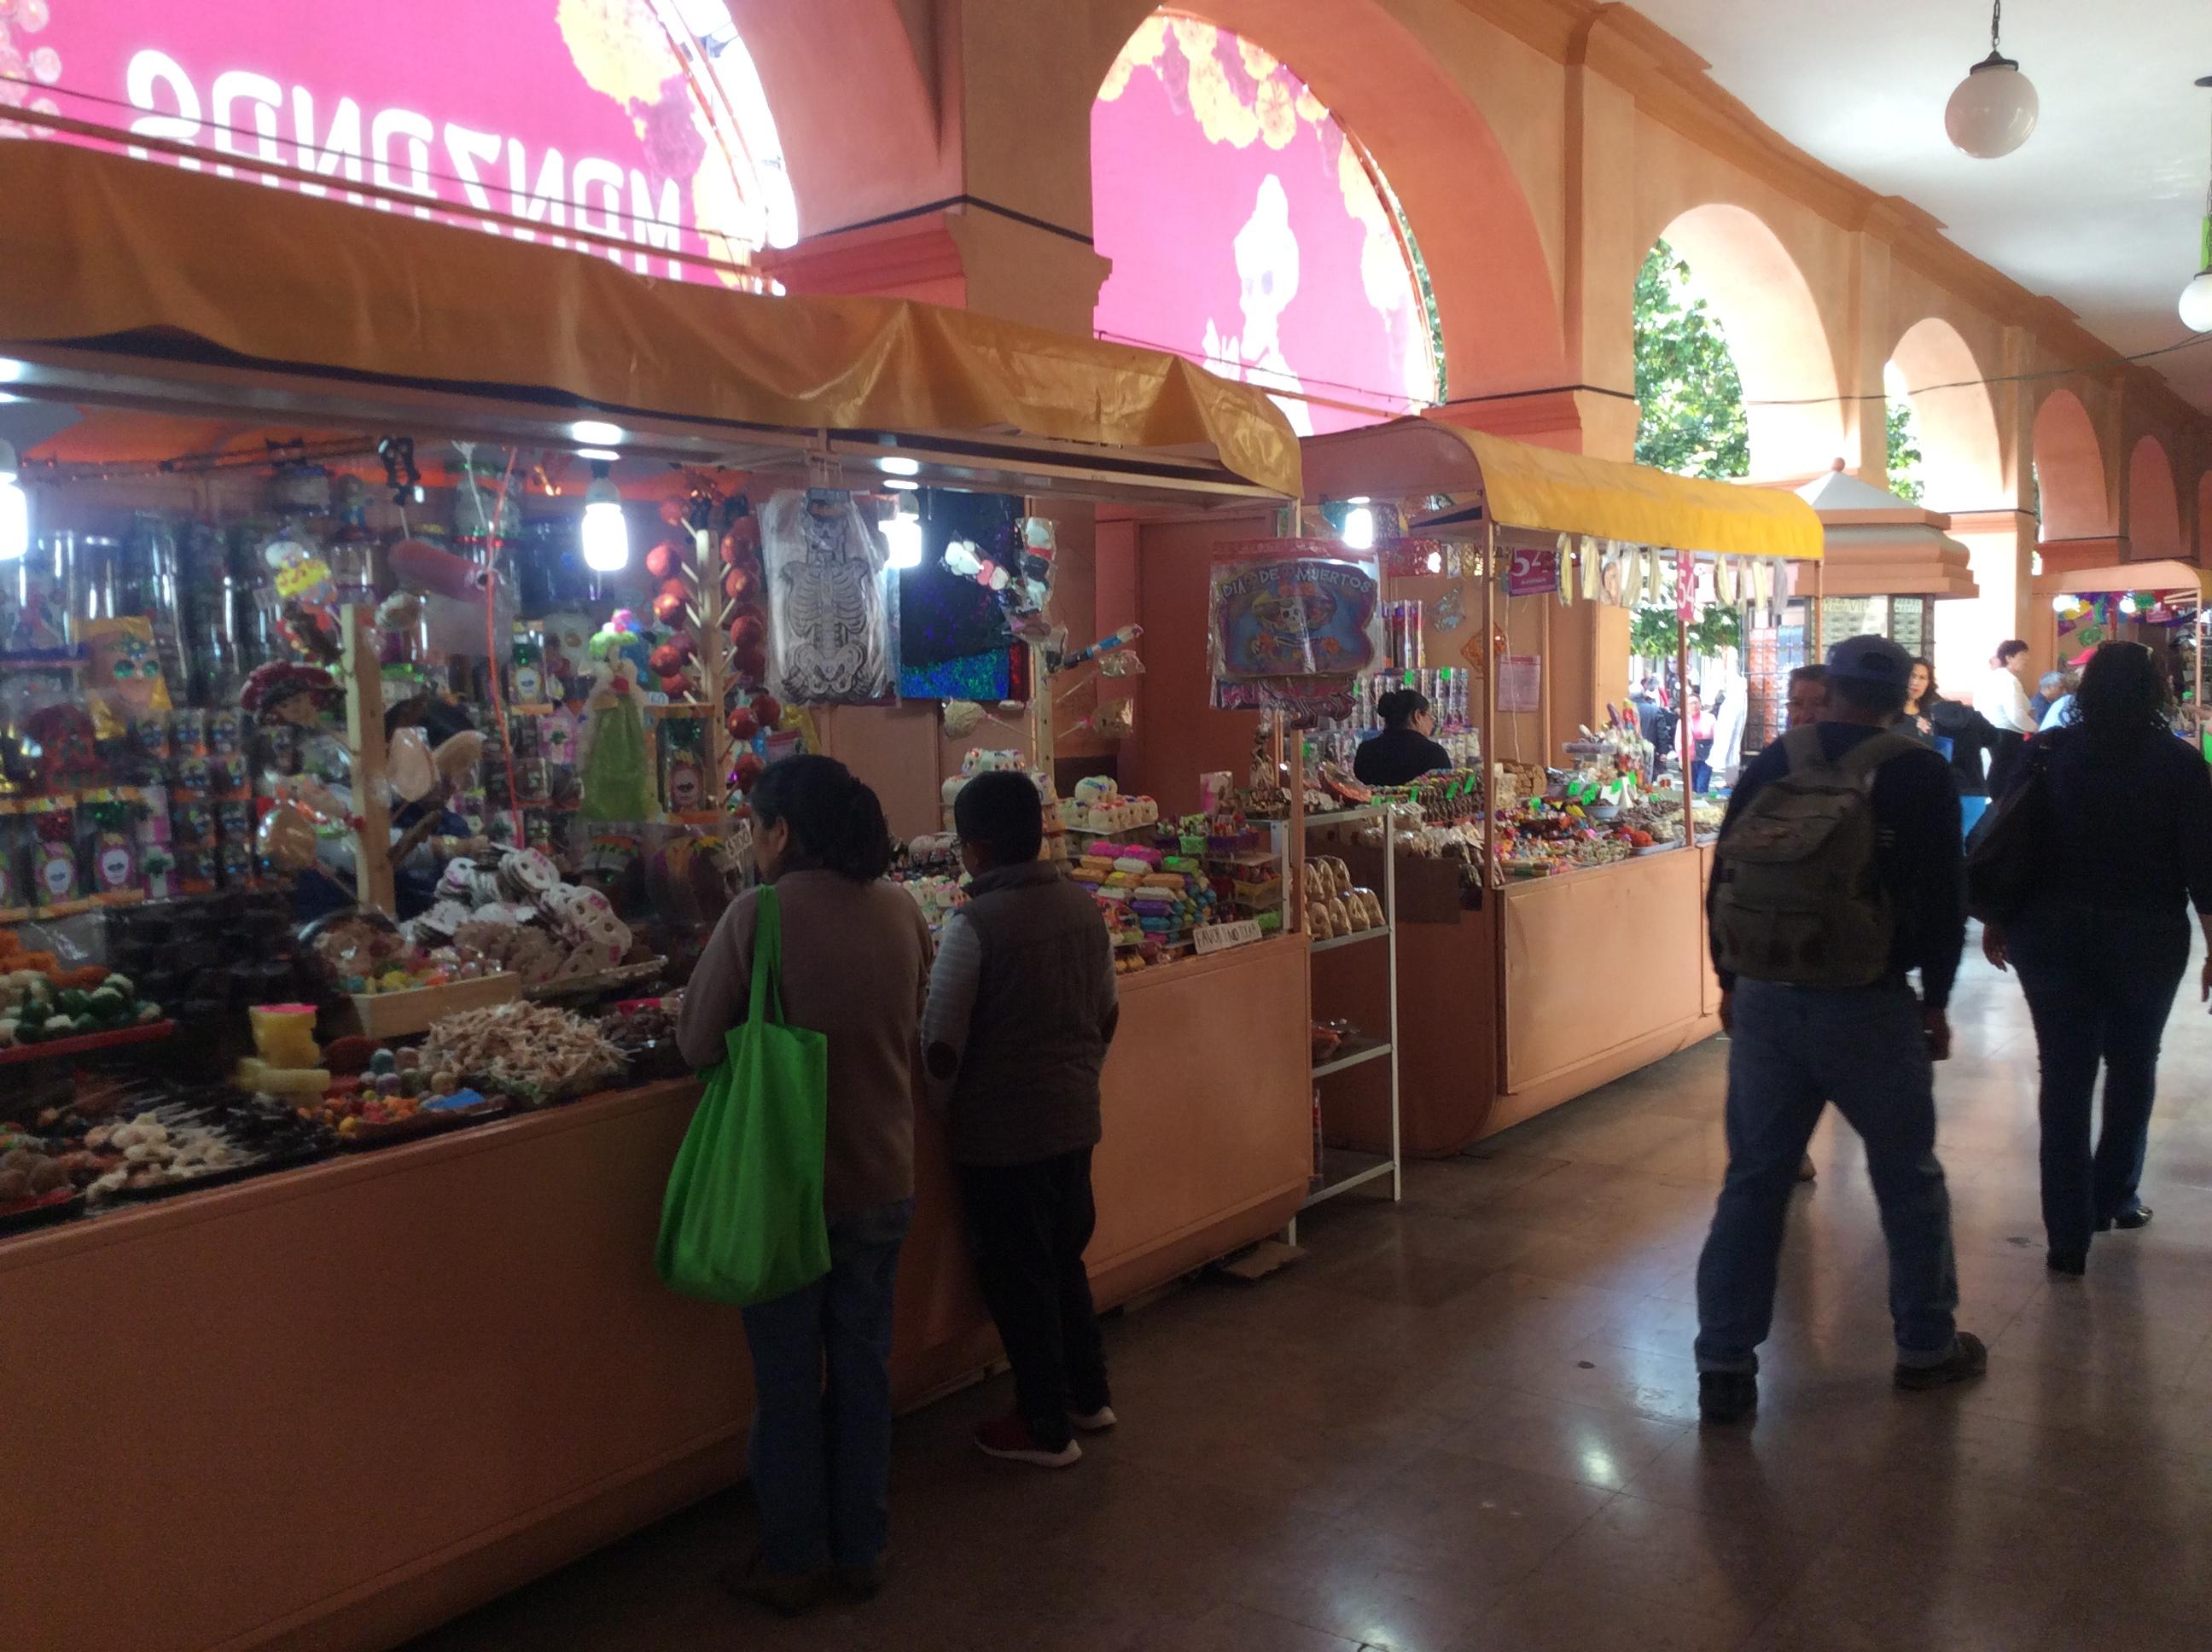 Ambulantaje pone en jaque a Feria del Alfeñique en Toluca